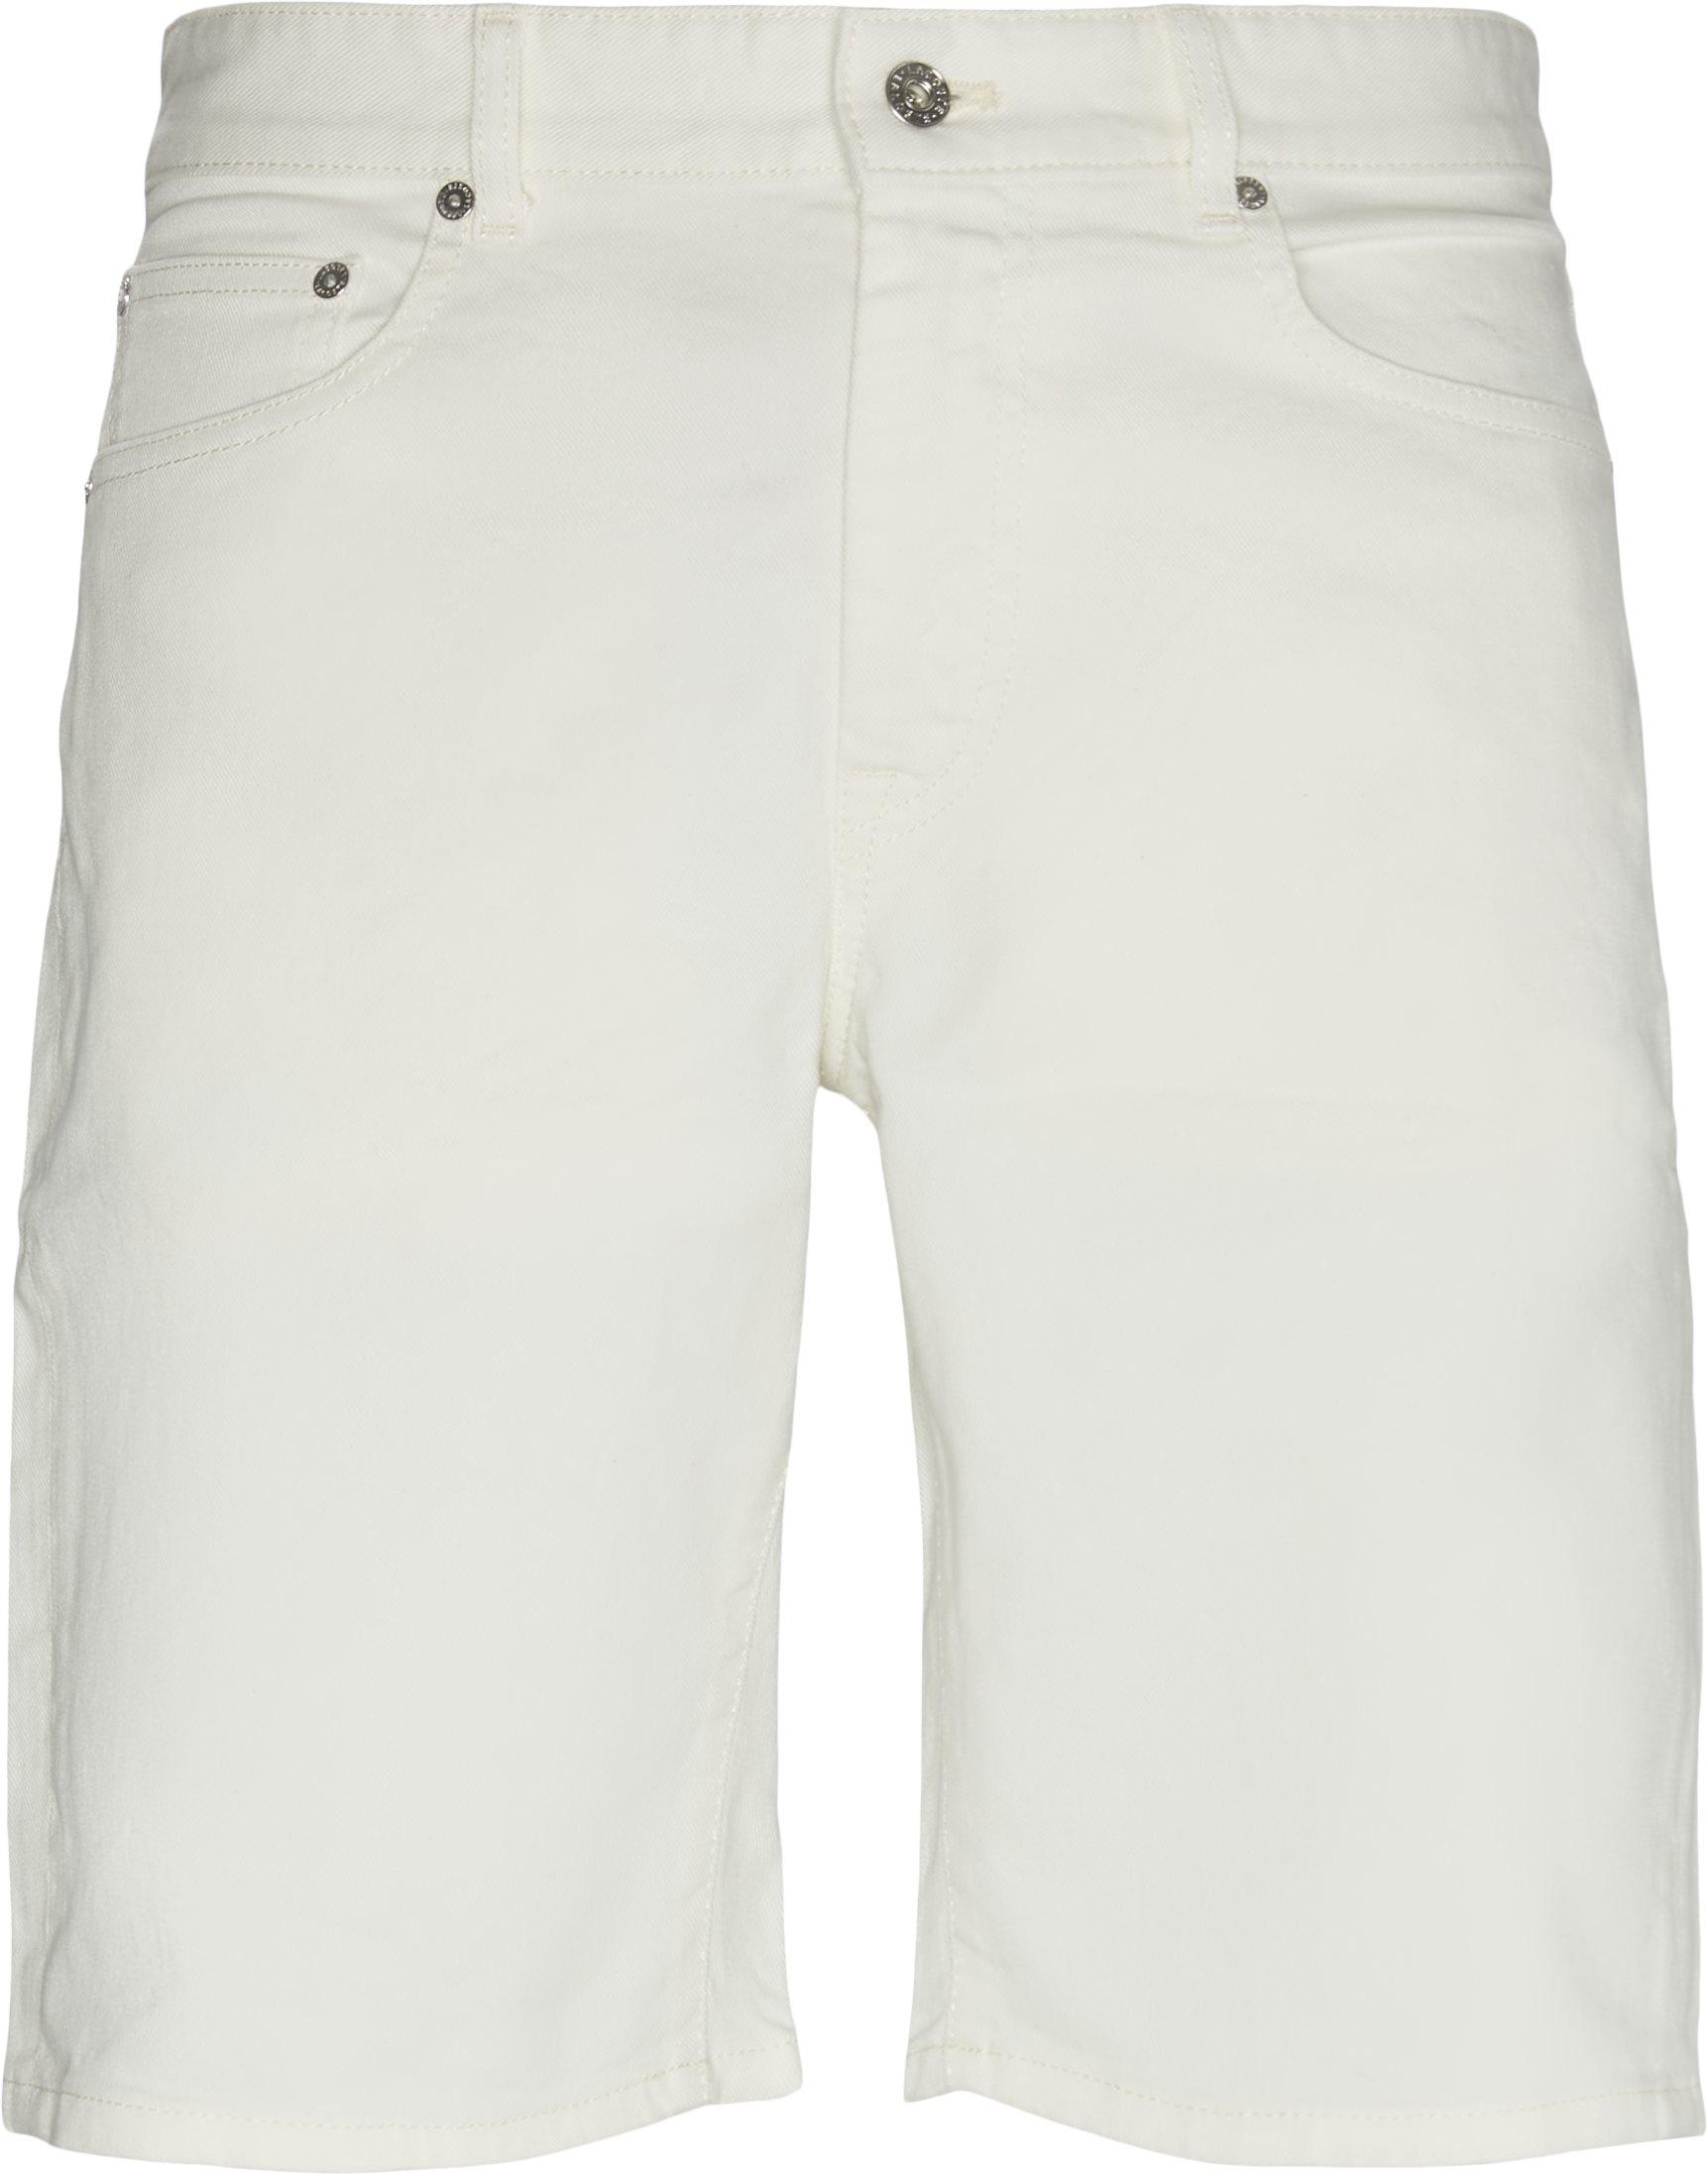 Shorts - Slim fit - Vit